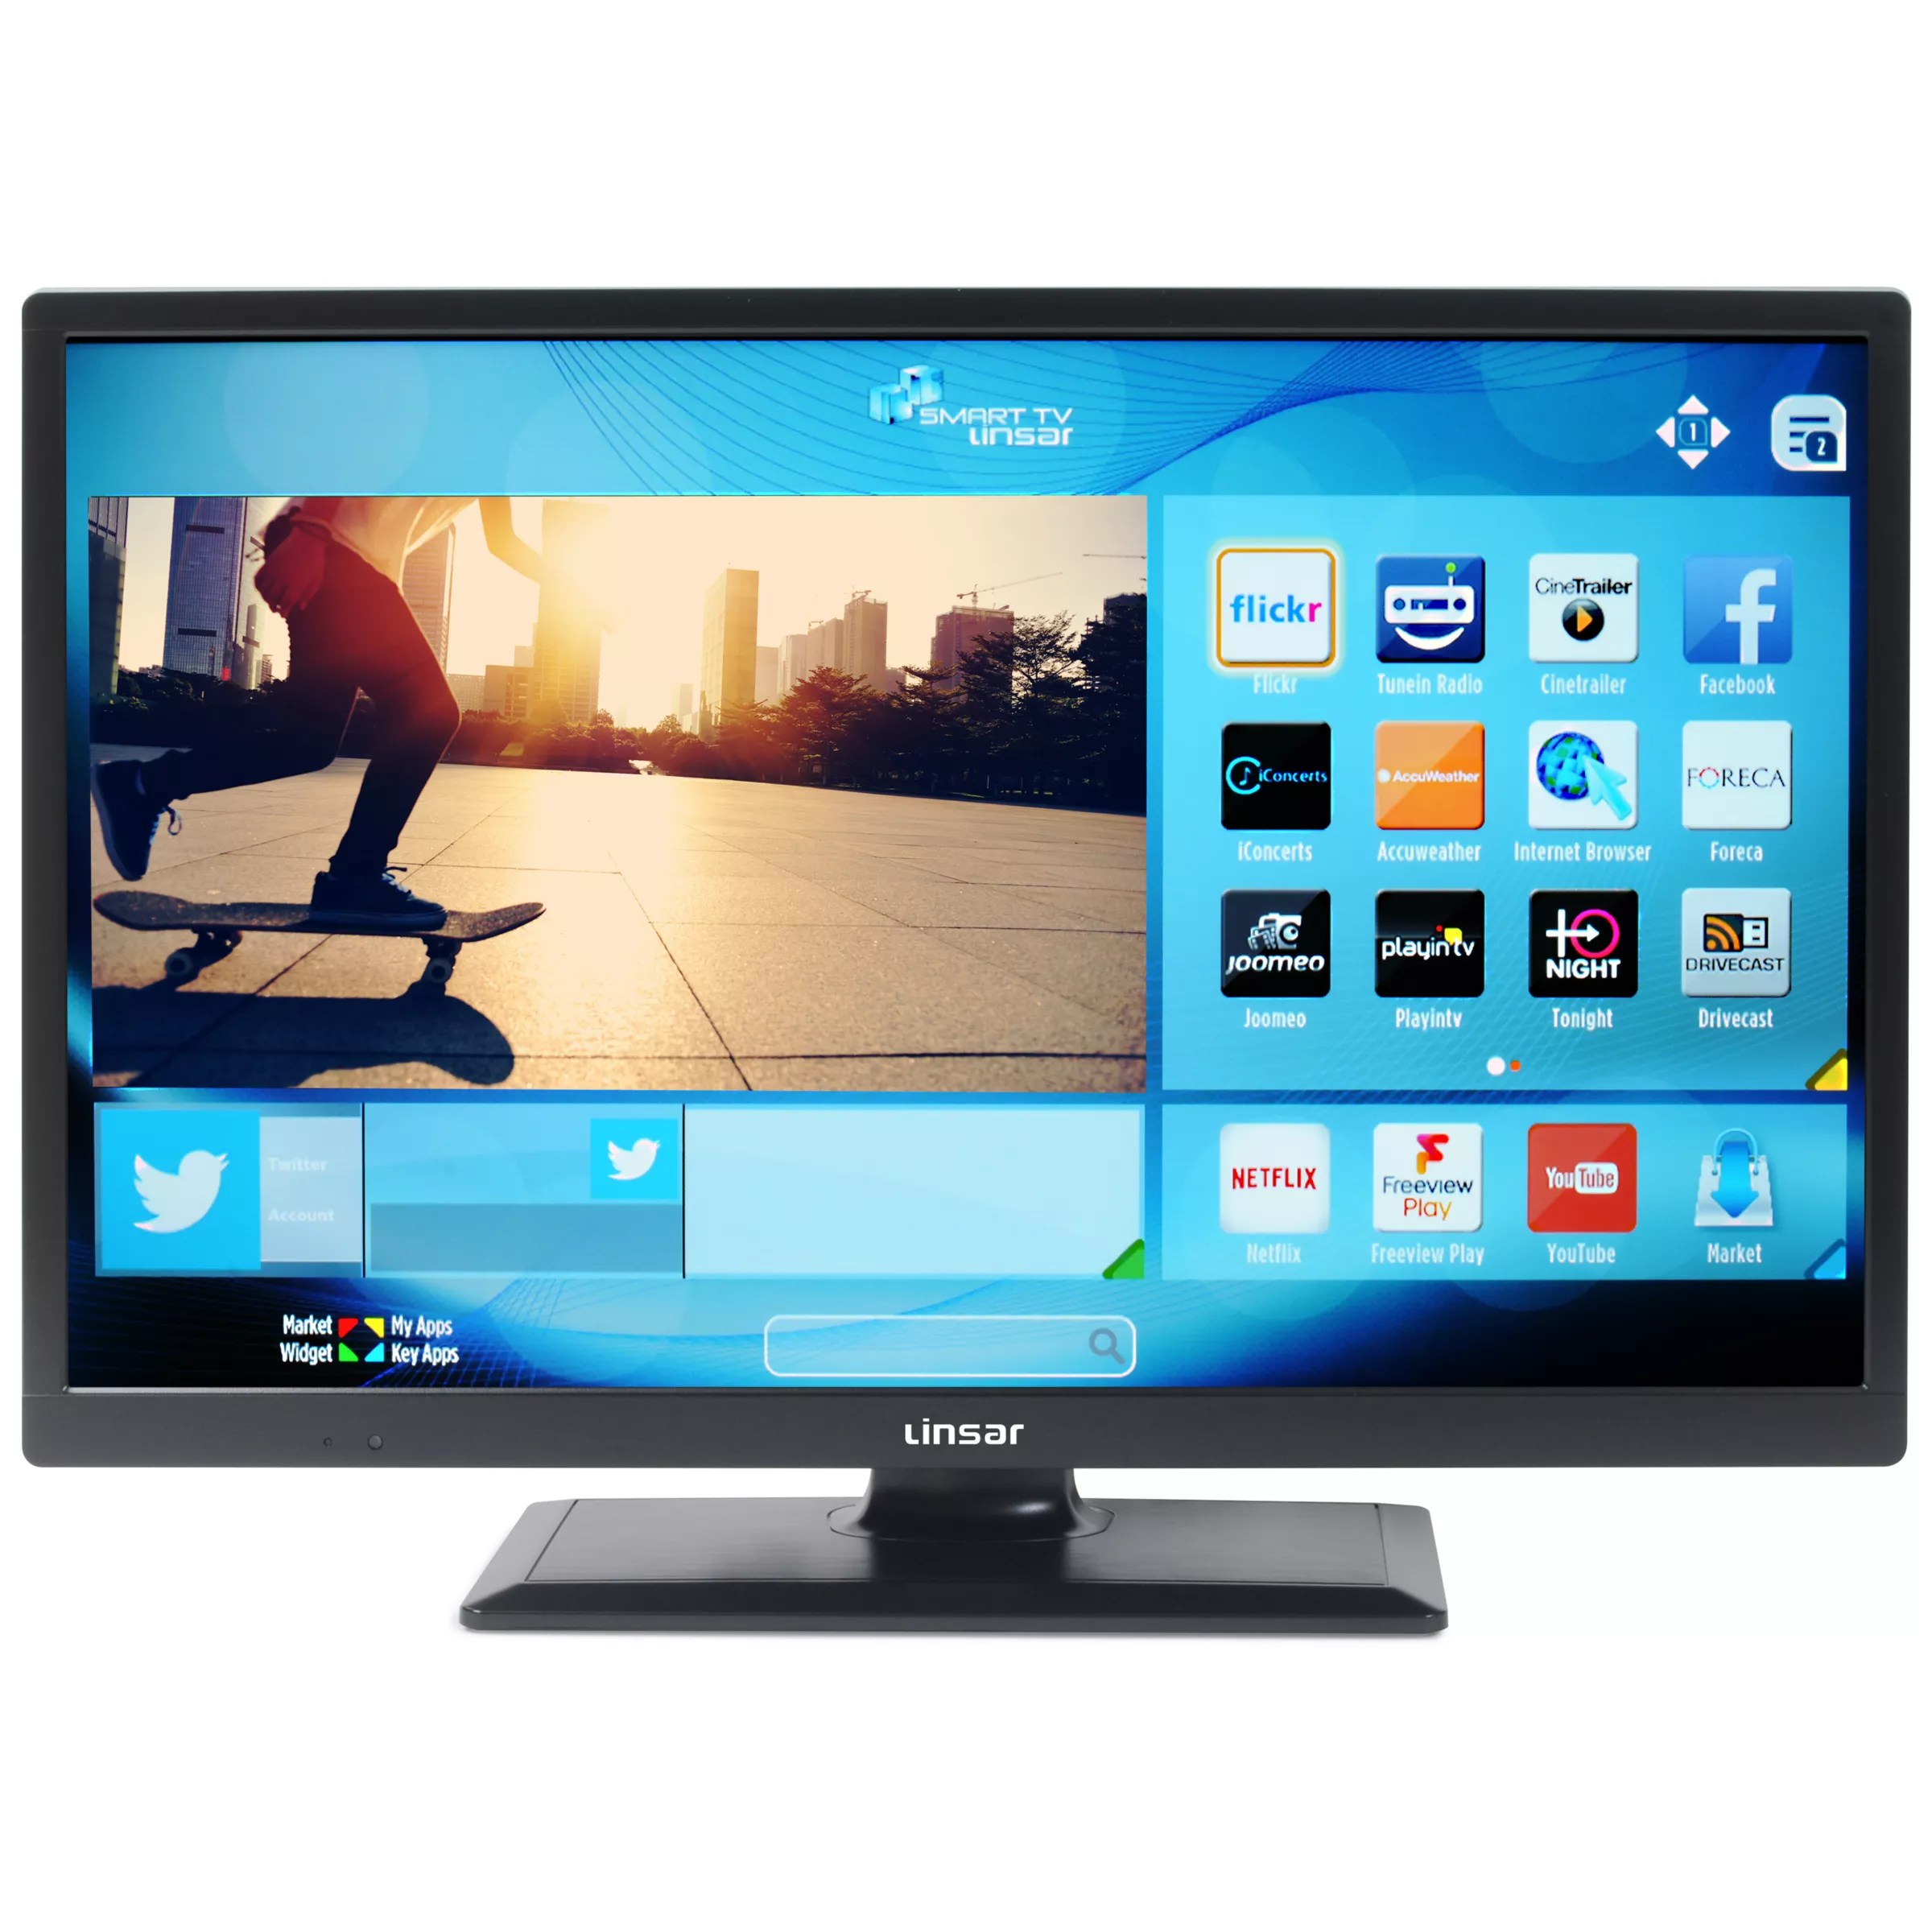 Linsar 24led1700 Led Hd Ready 720p Smart Tv 24